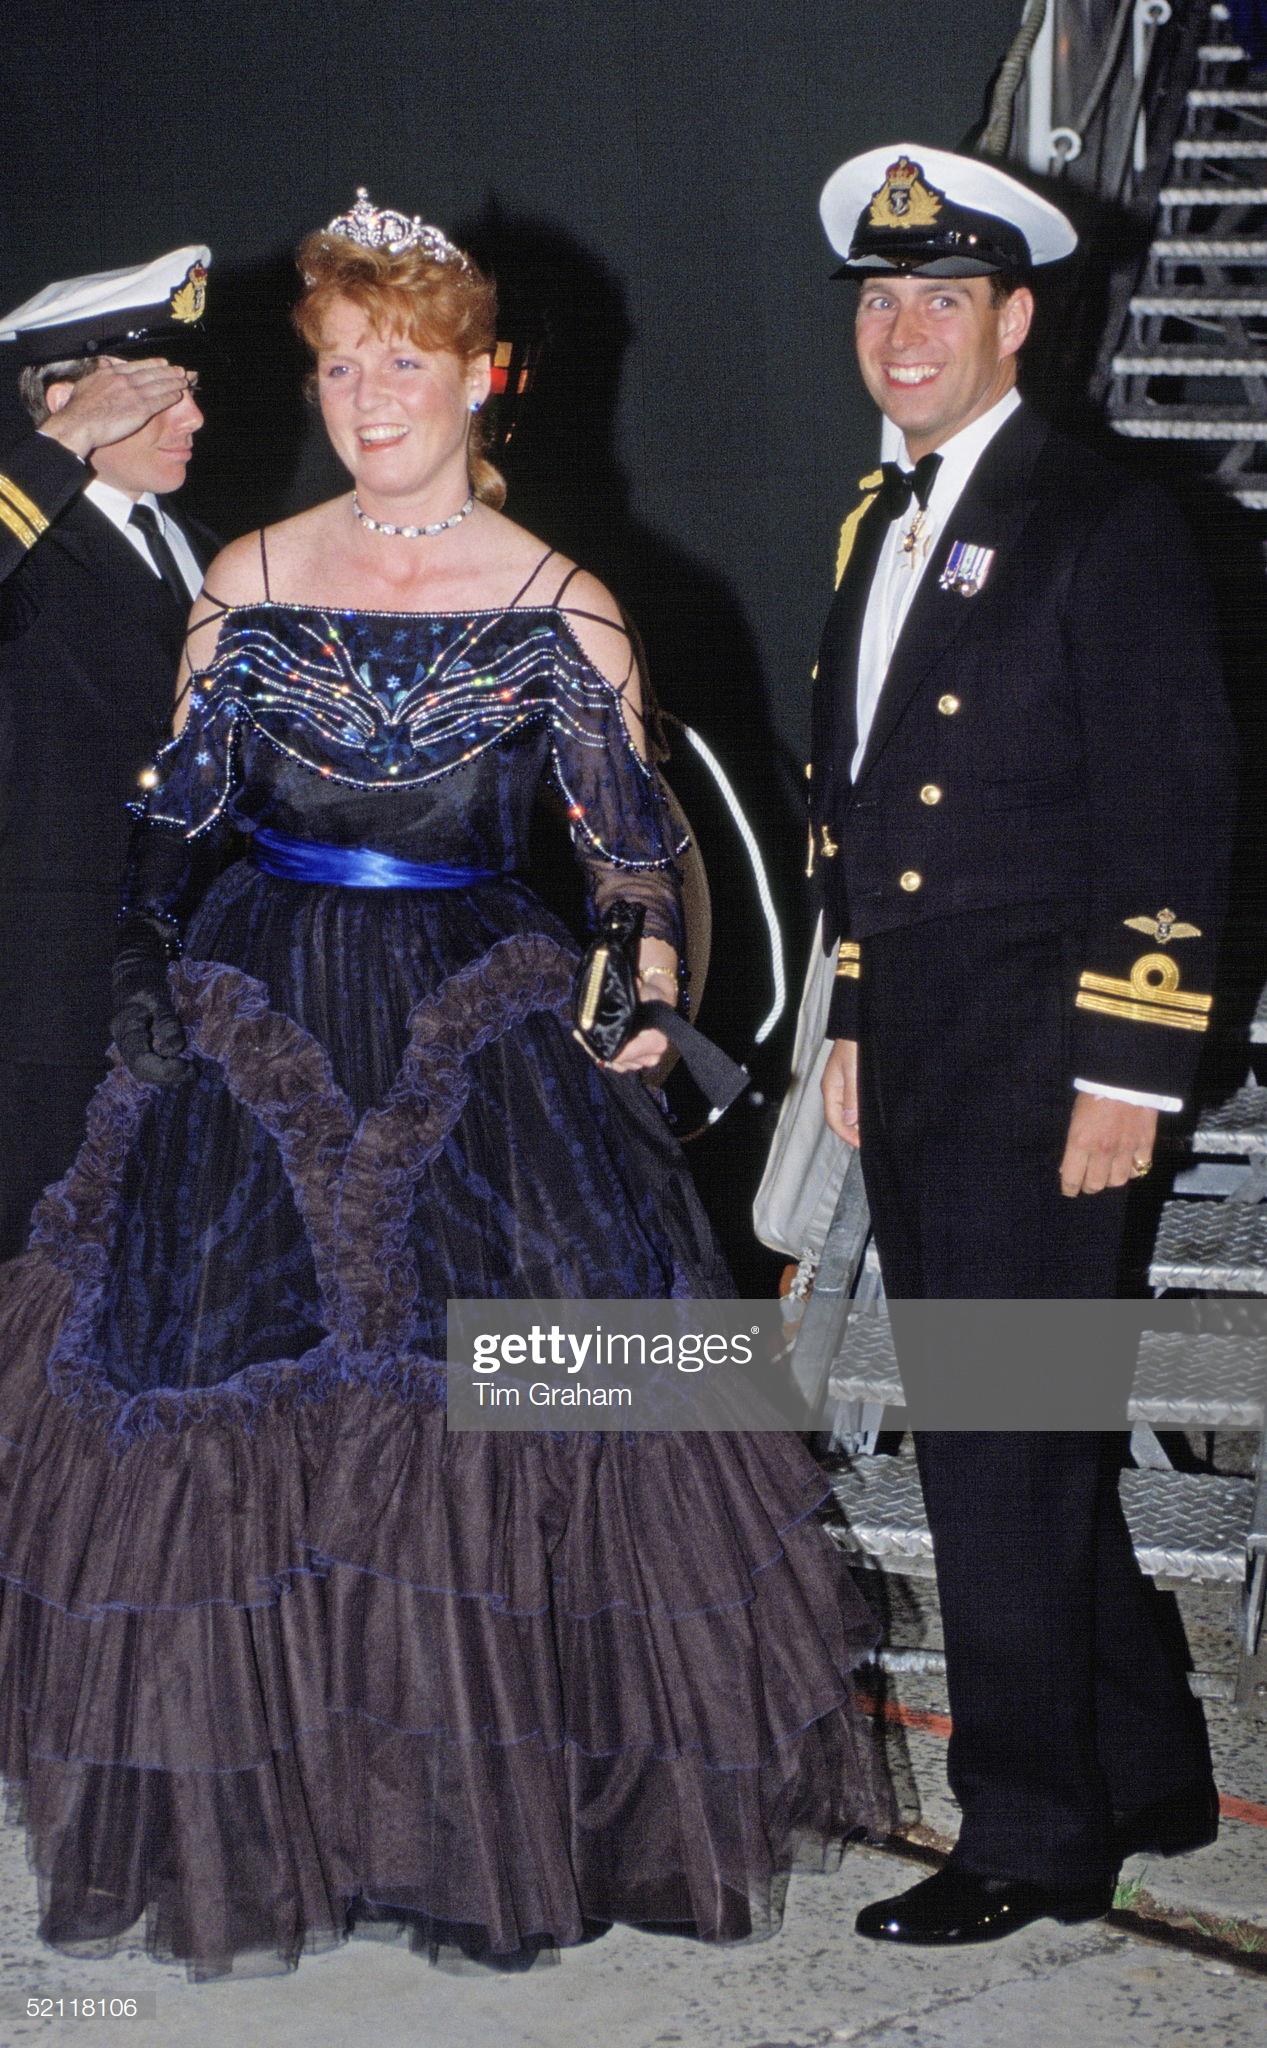 СИДНЕЙ, АВСТРАЛИЯ. 1 ОКТЯБРЯ 1988 г. Герцог Йоркский (принц Эндрю) и герцогиня Йоркская (Сара Фергюсон) присутствуют на обеде военно-морского персонала в Сиднее.